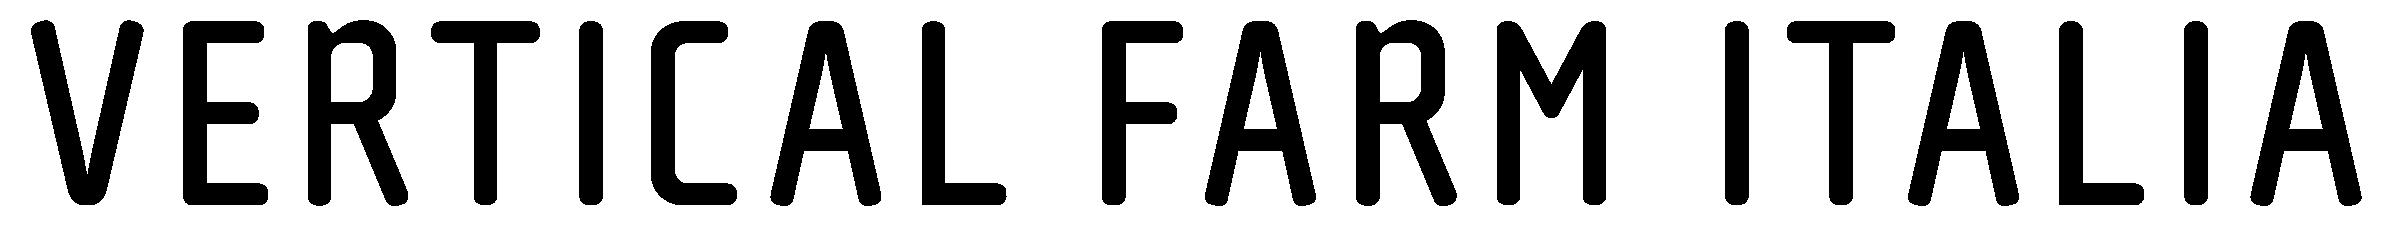 logo VFI black